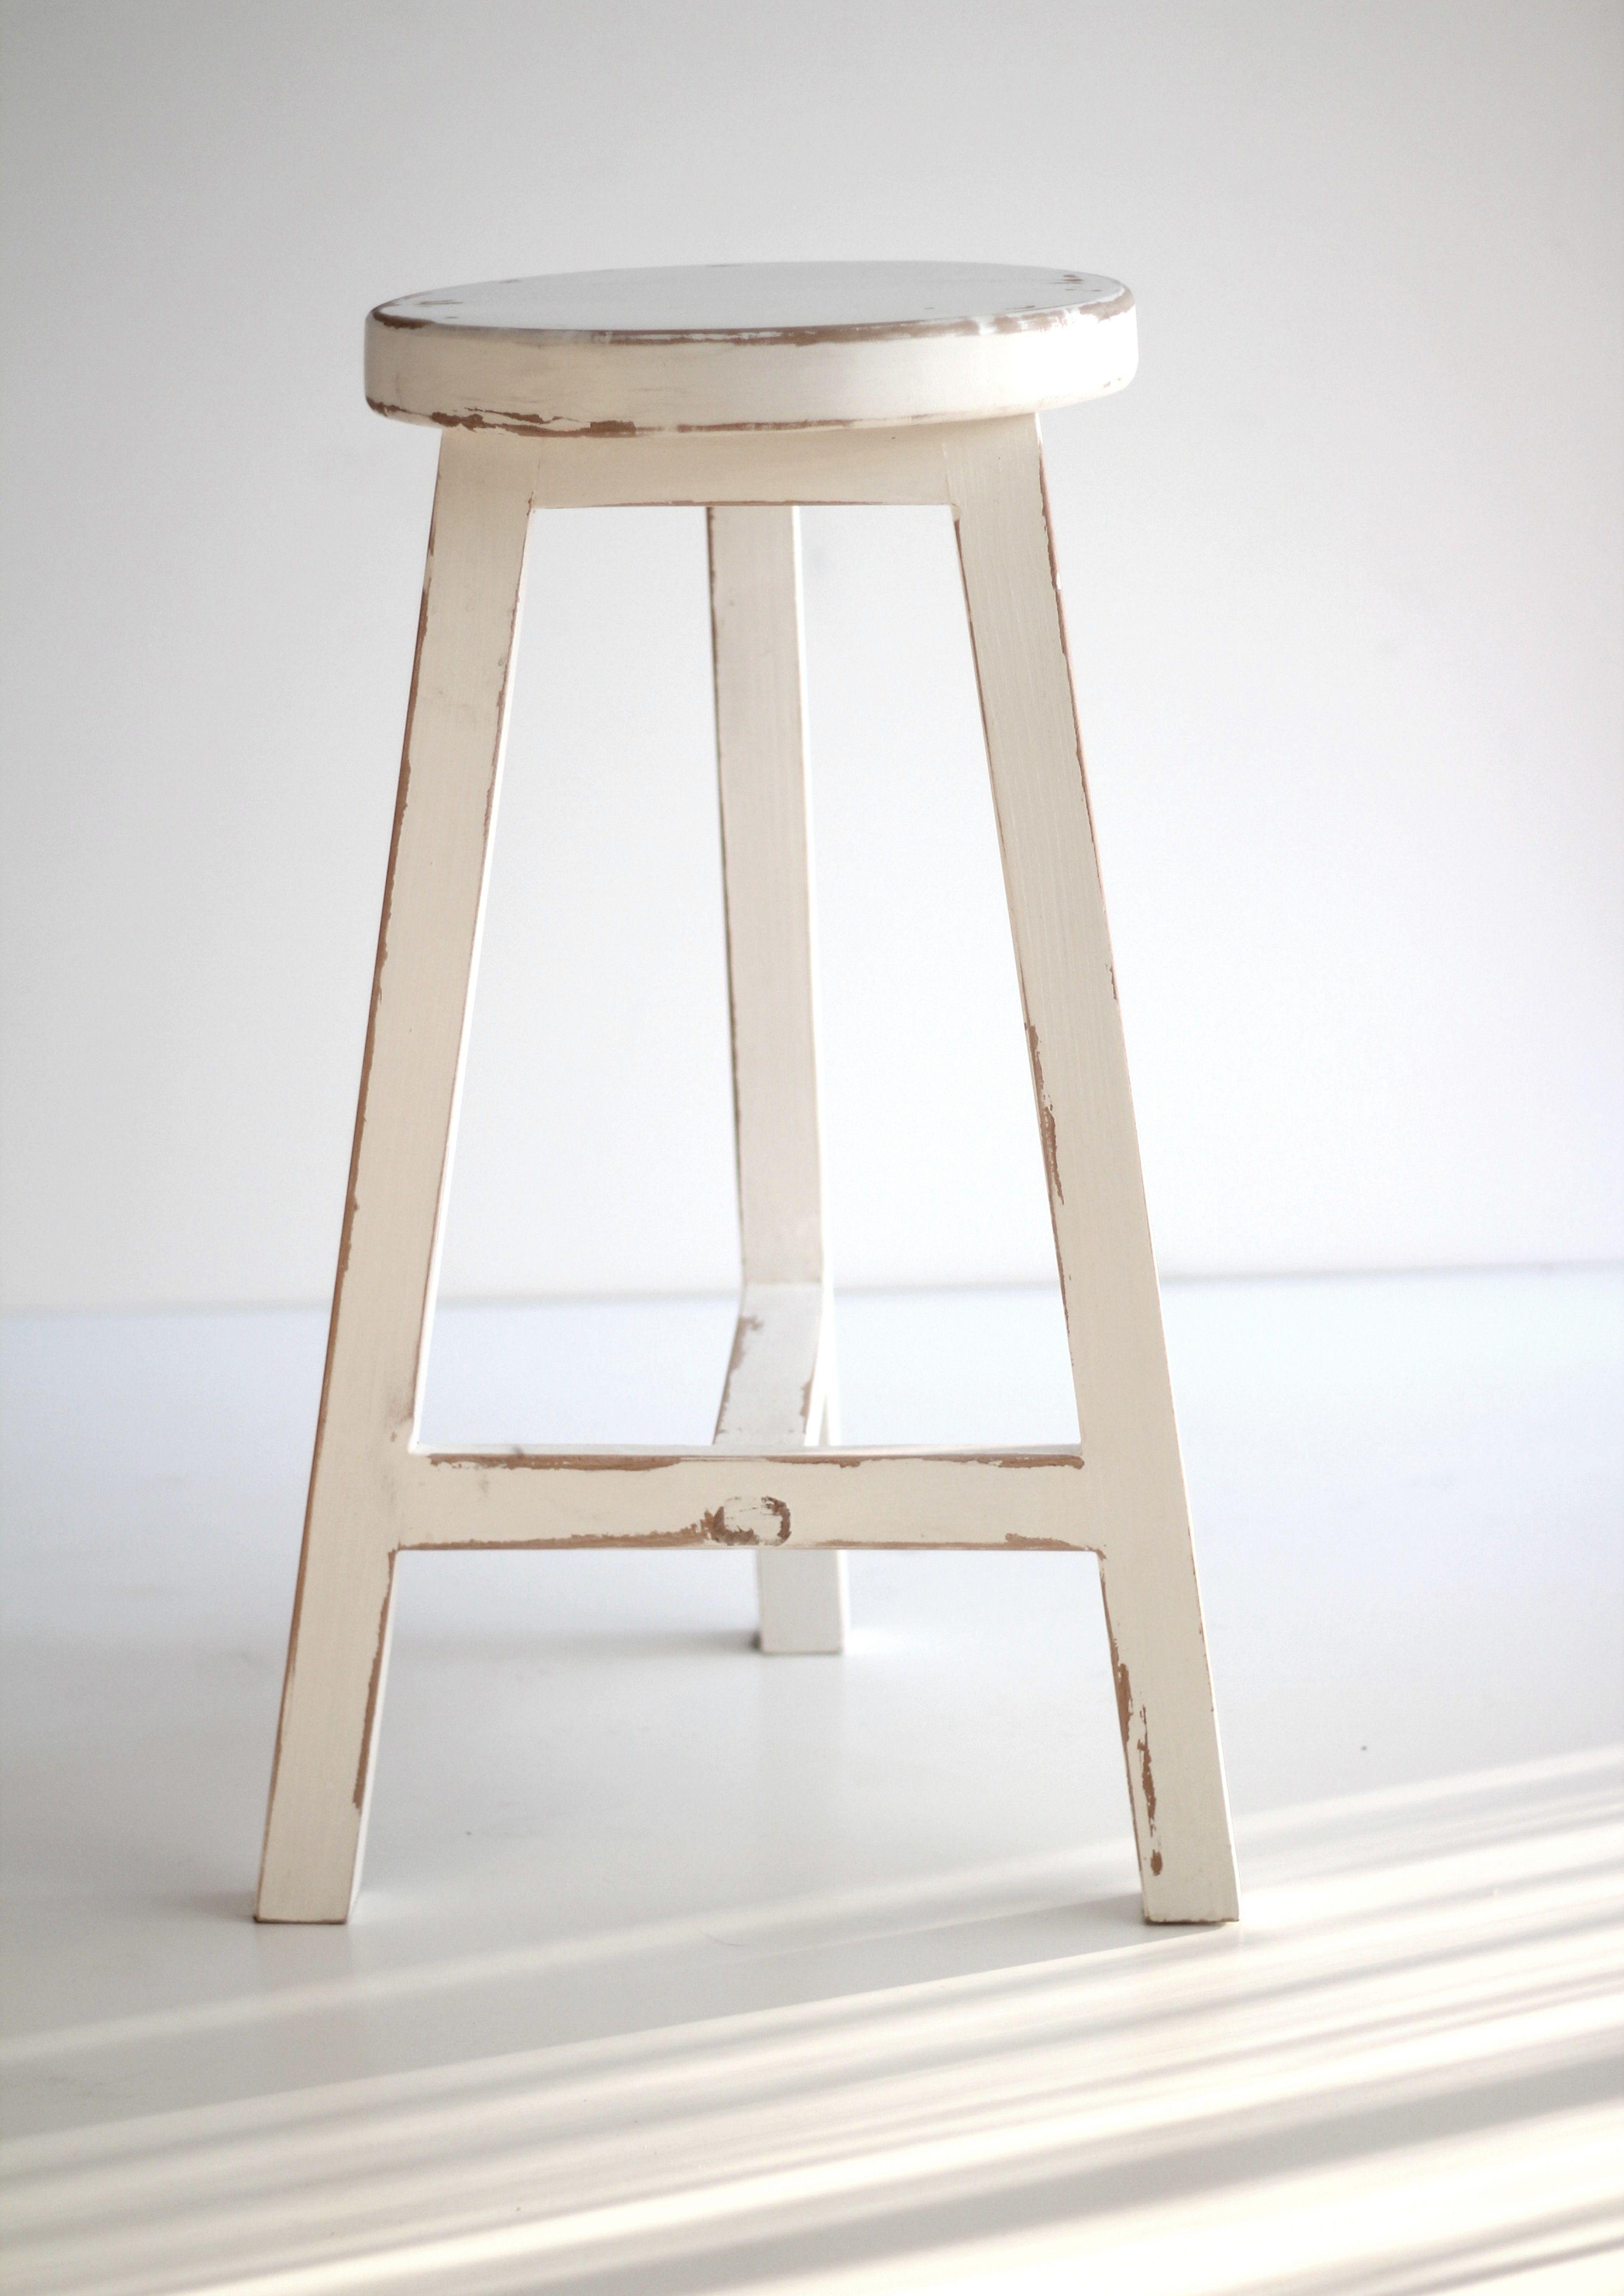 #czaryzdrewna #woodenstools #shabby